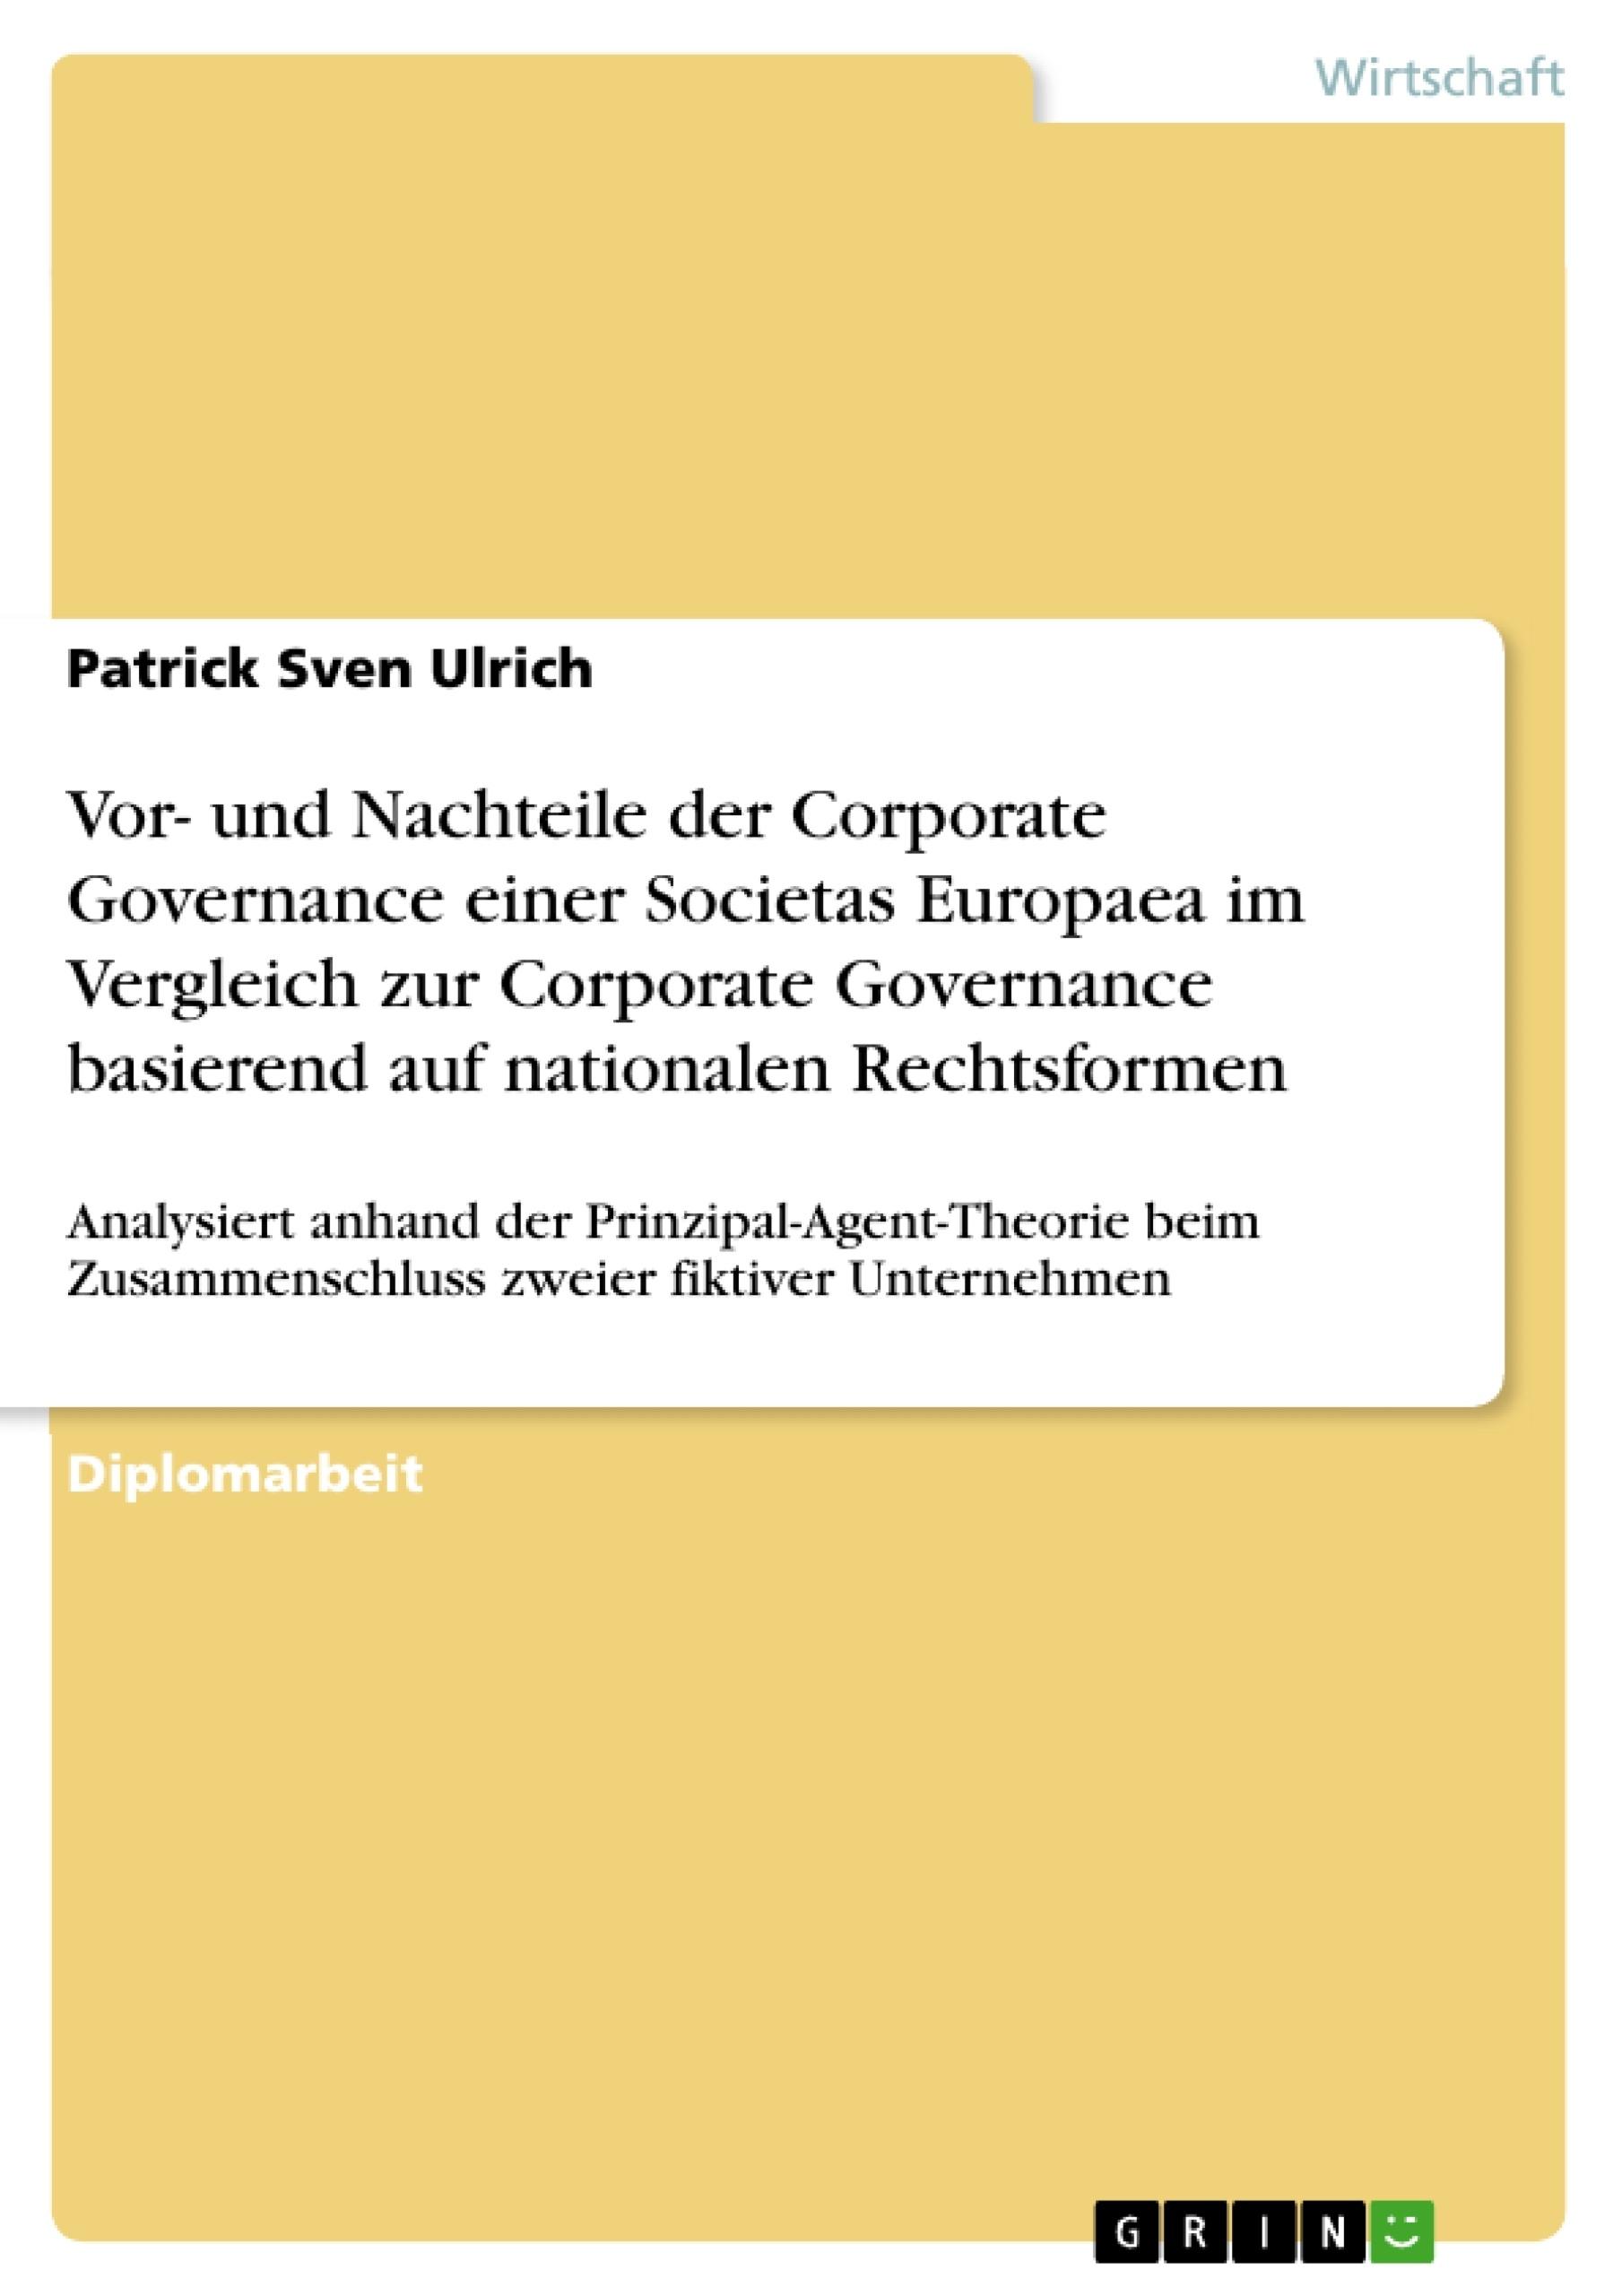 Titel: Vor- und Nachteile der Corporate Governance einer Societas Europaea im Vergleich zur Corporate Governance basierend auf nationalen Rechtsformen